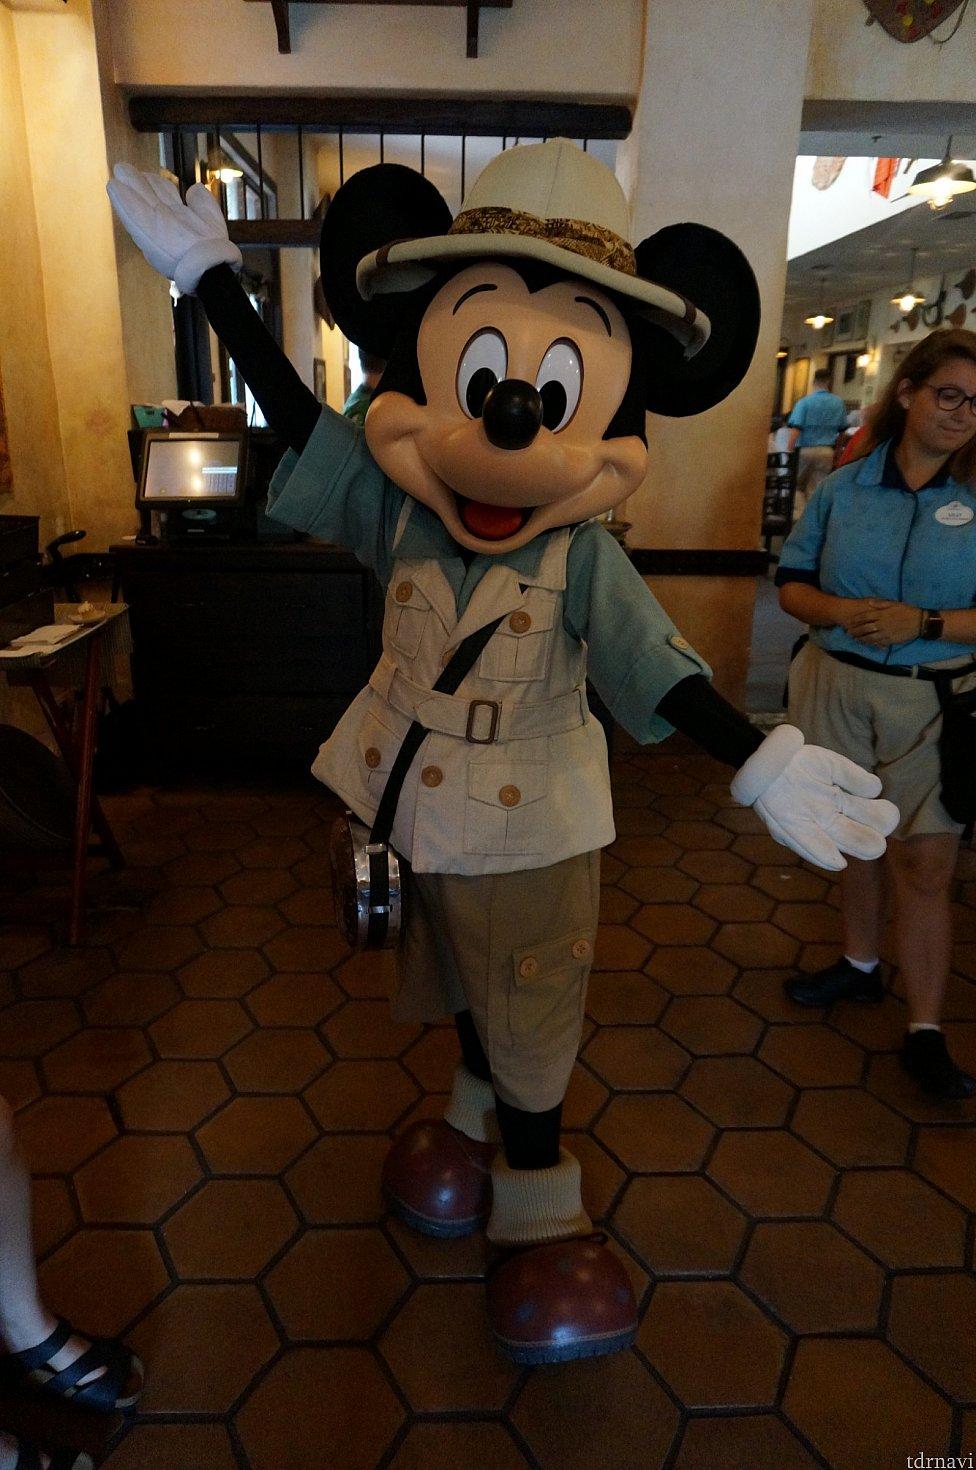 ミッキー!紳士的でした。